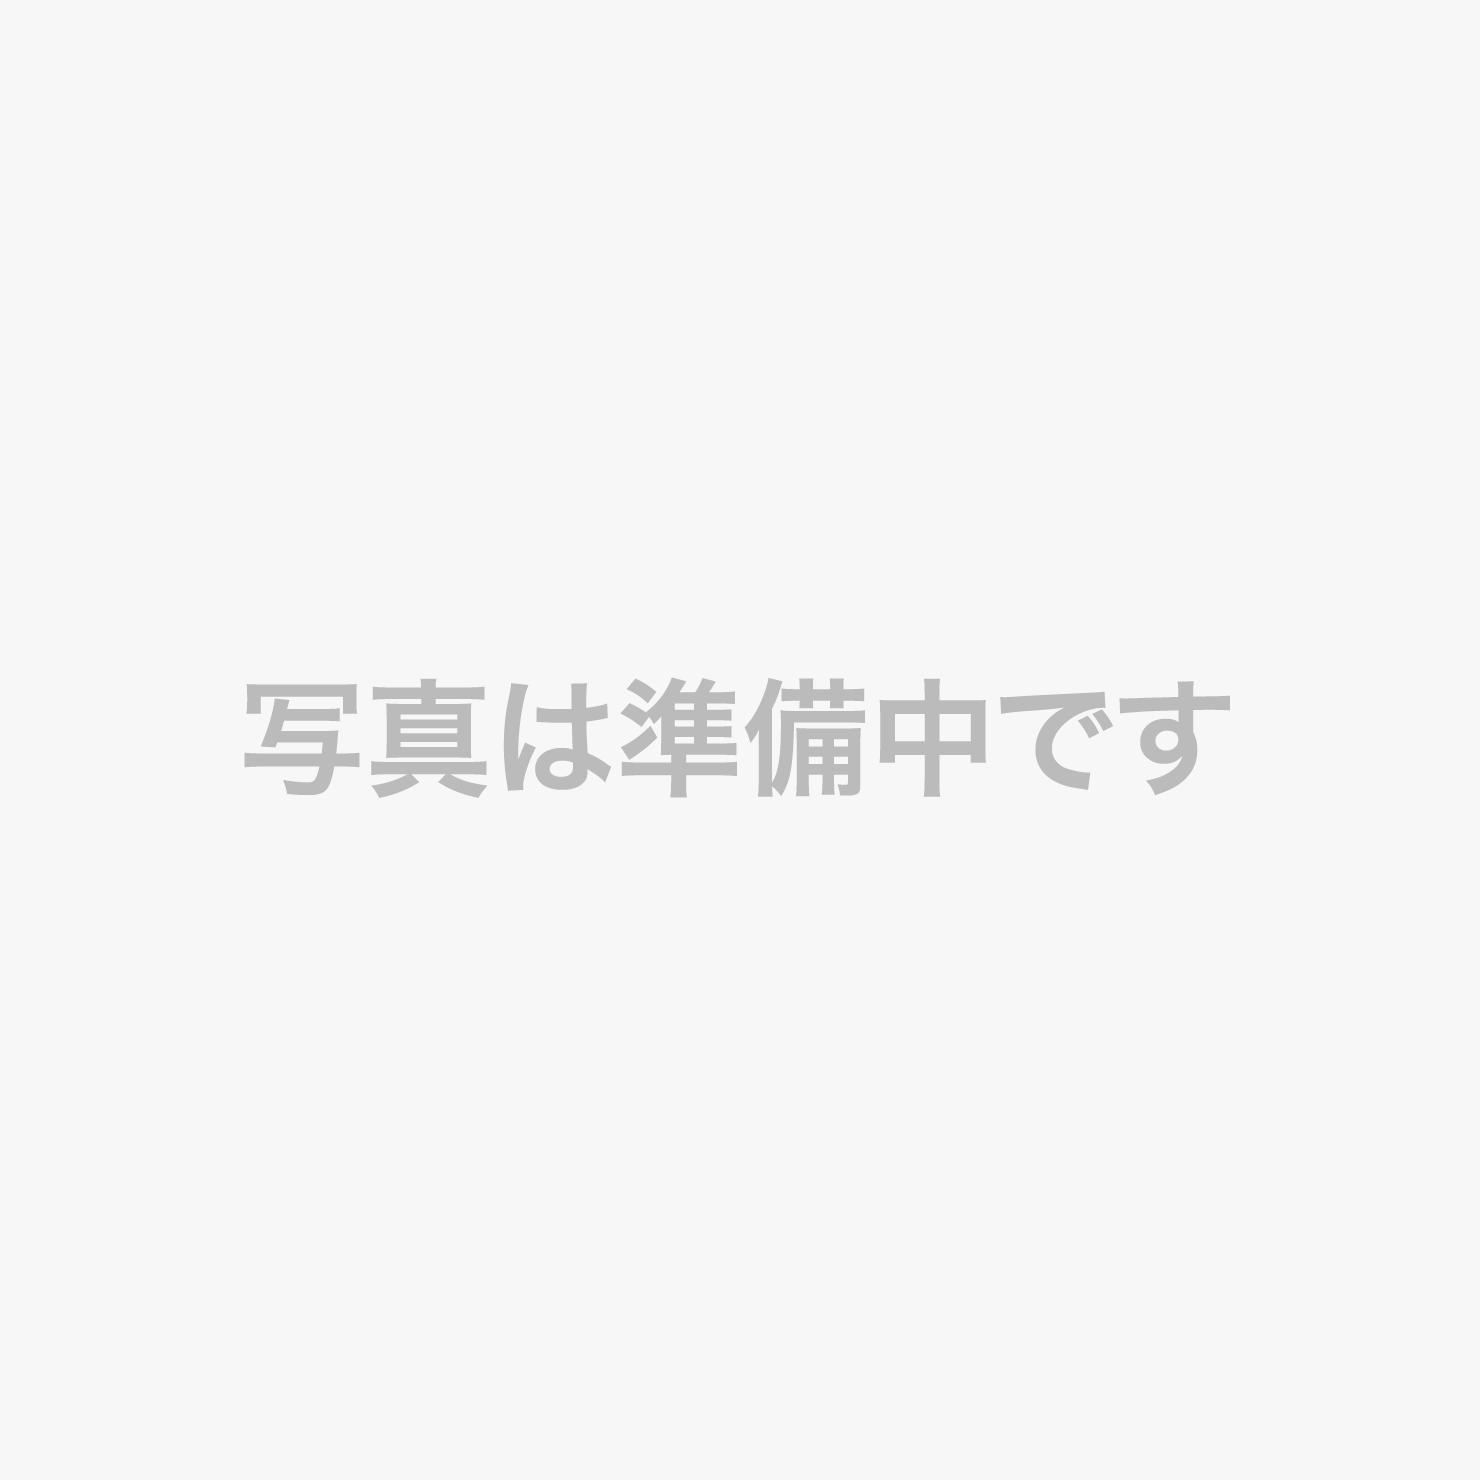 【お料理】(イメージ)